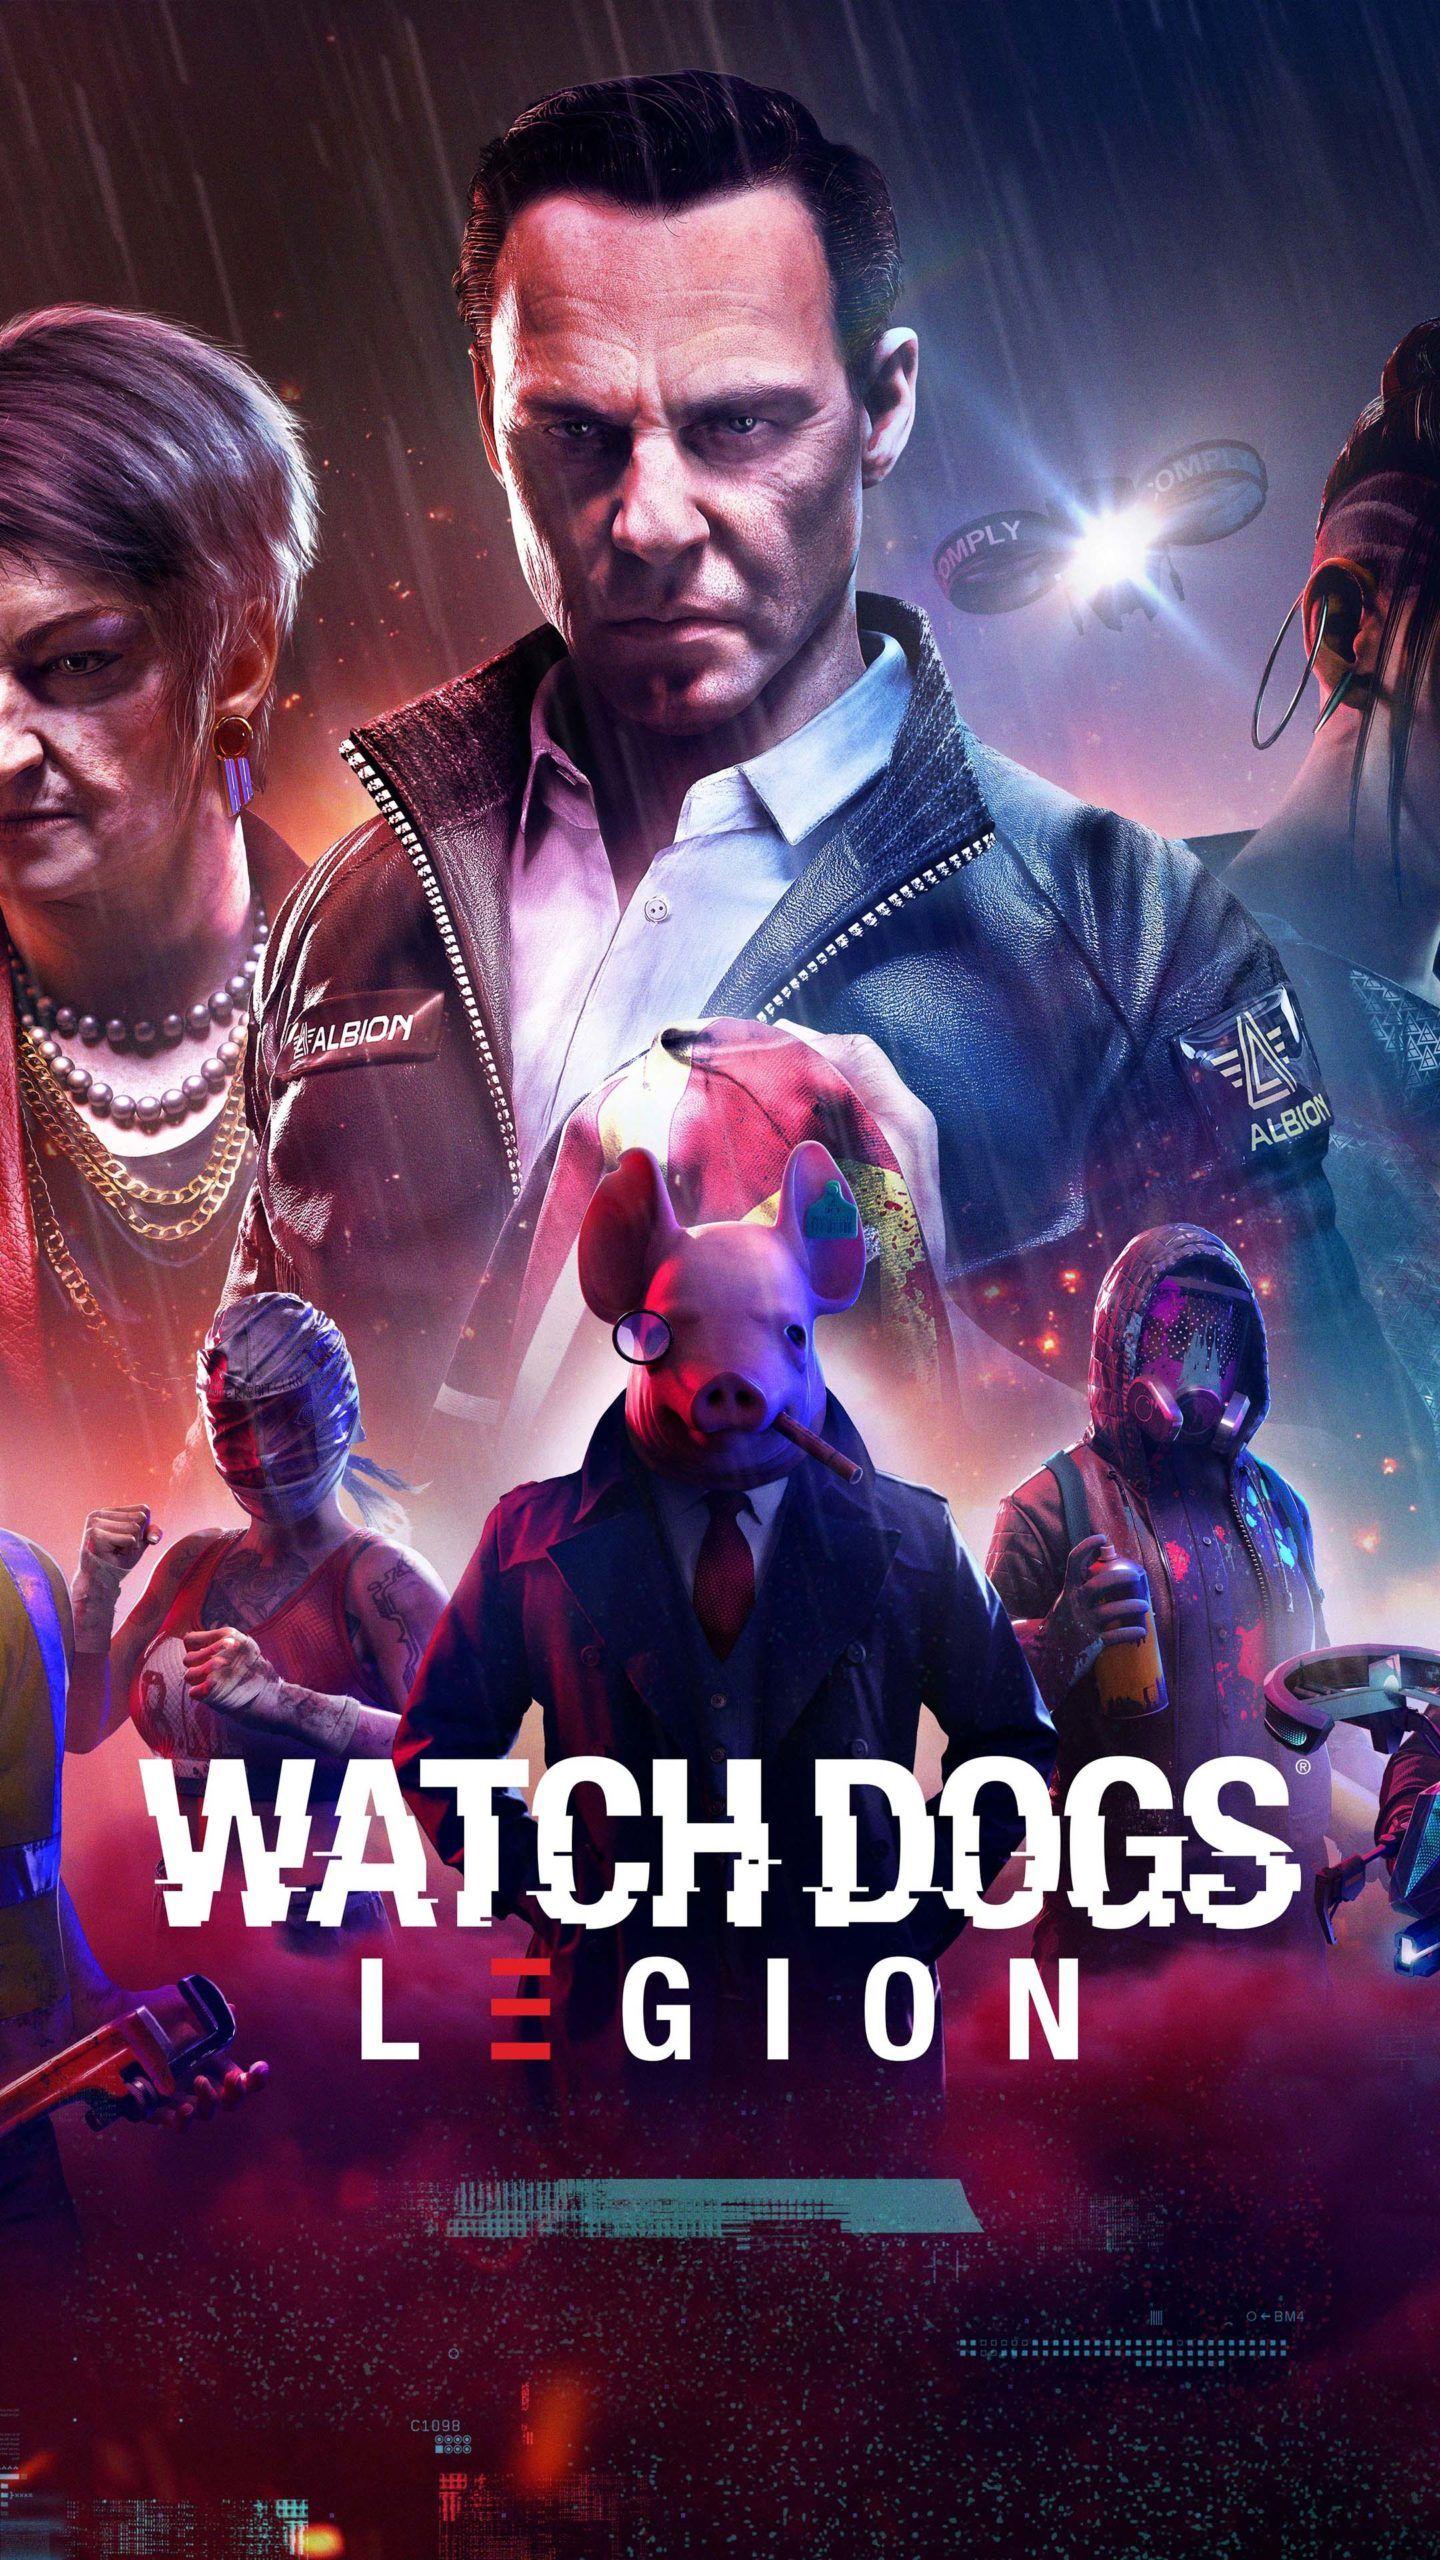 Watch Dogs Legion 2020 Game Poster 4k Ultra Hd Mobile Wallpaper Fotos Fotos De Paisagem Wallpaper